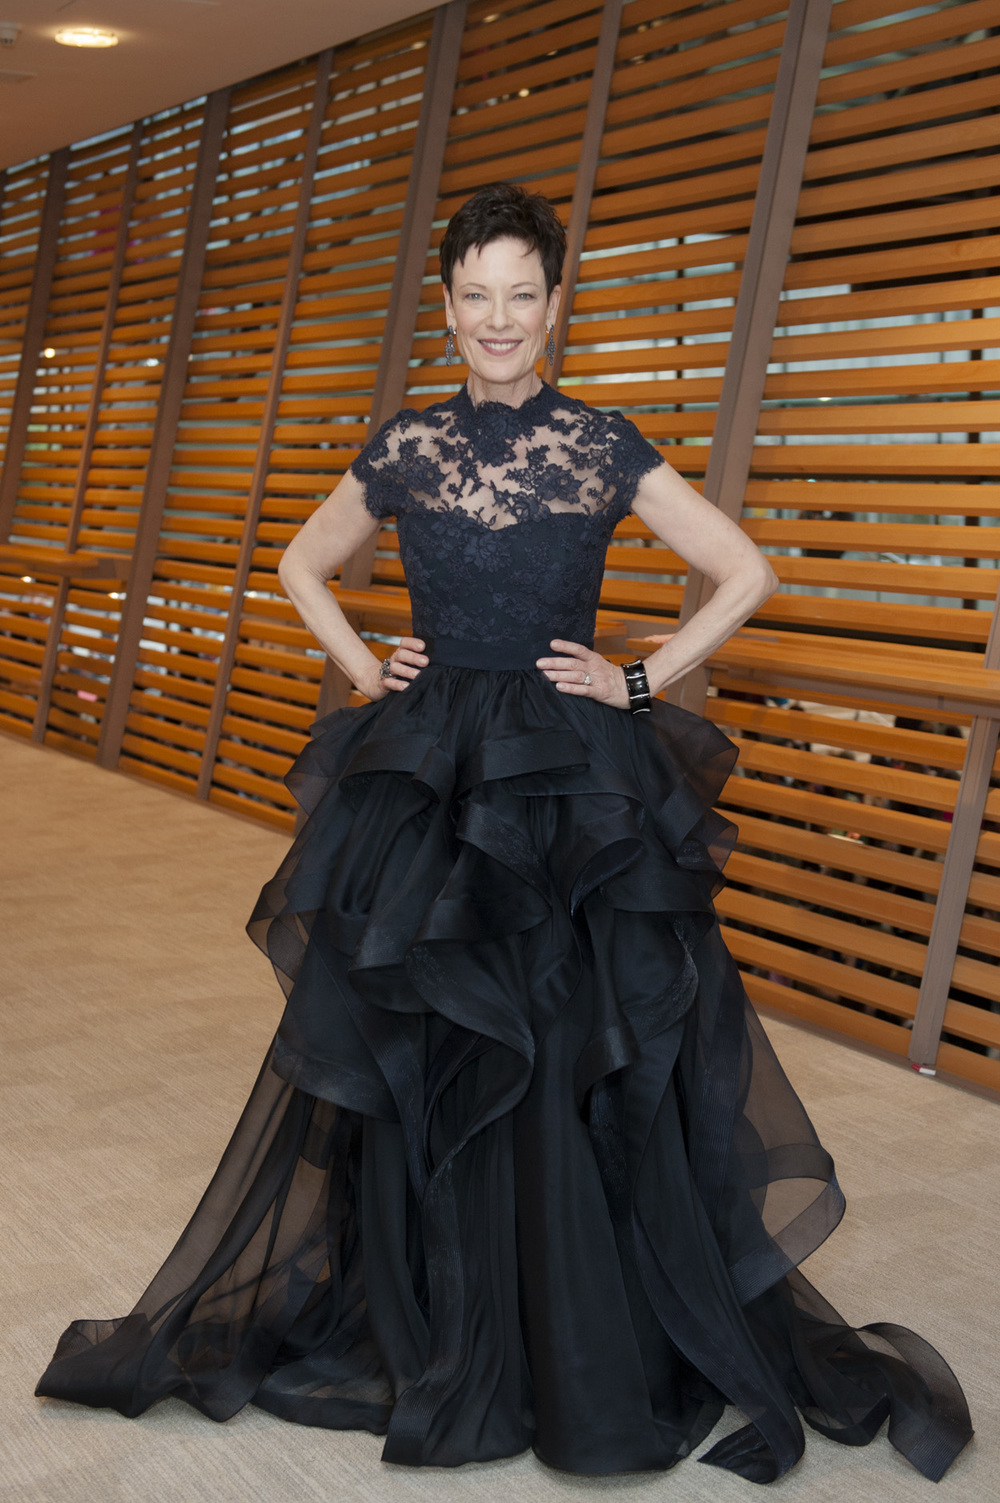 Karin Kane at the National Ballet Gala